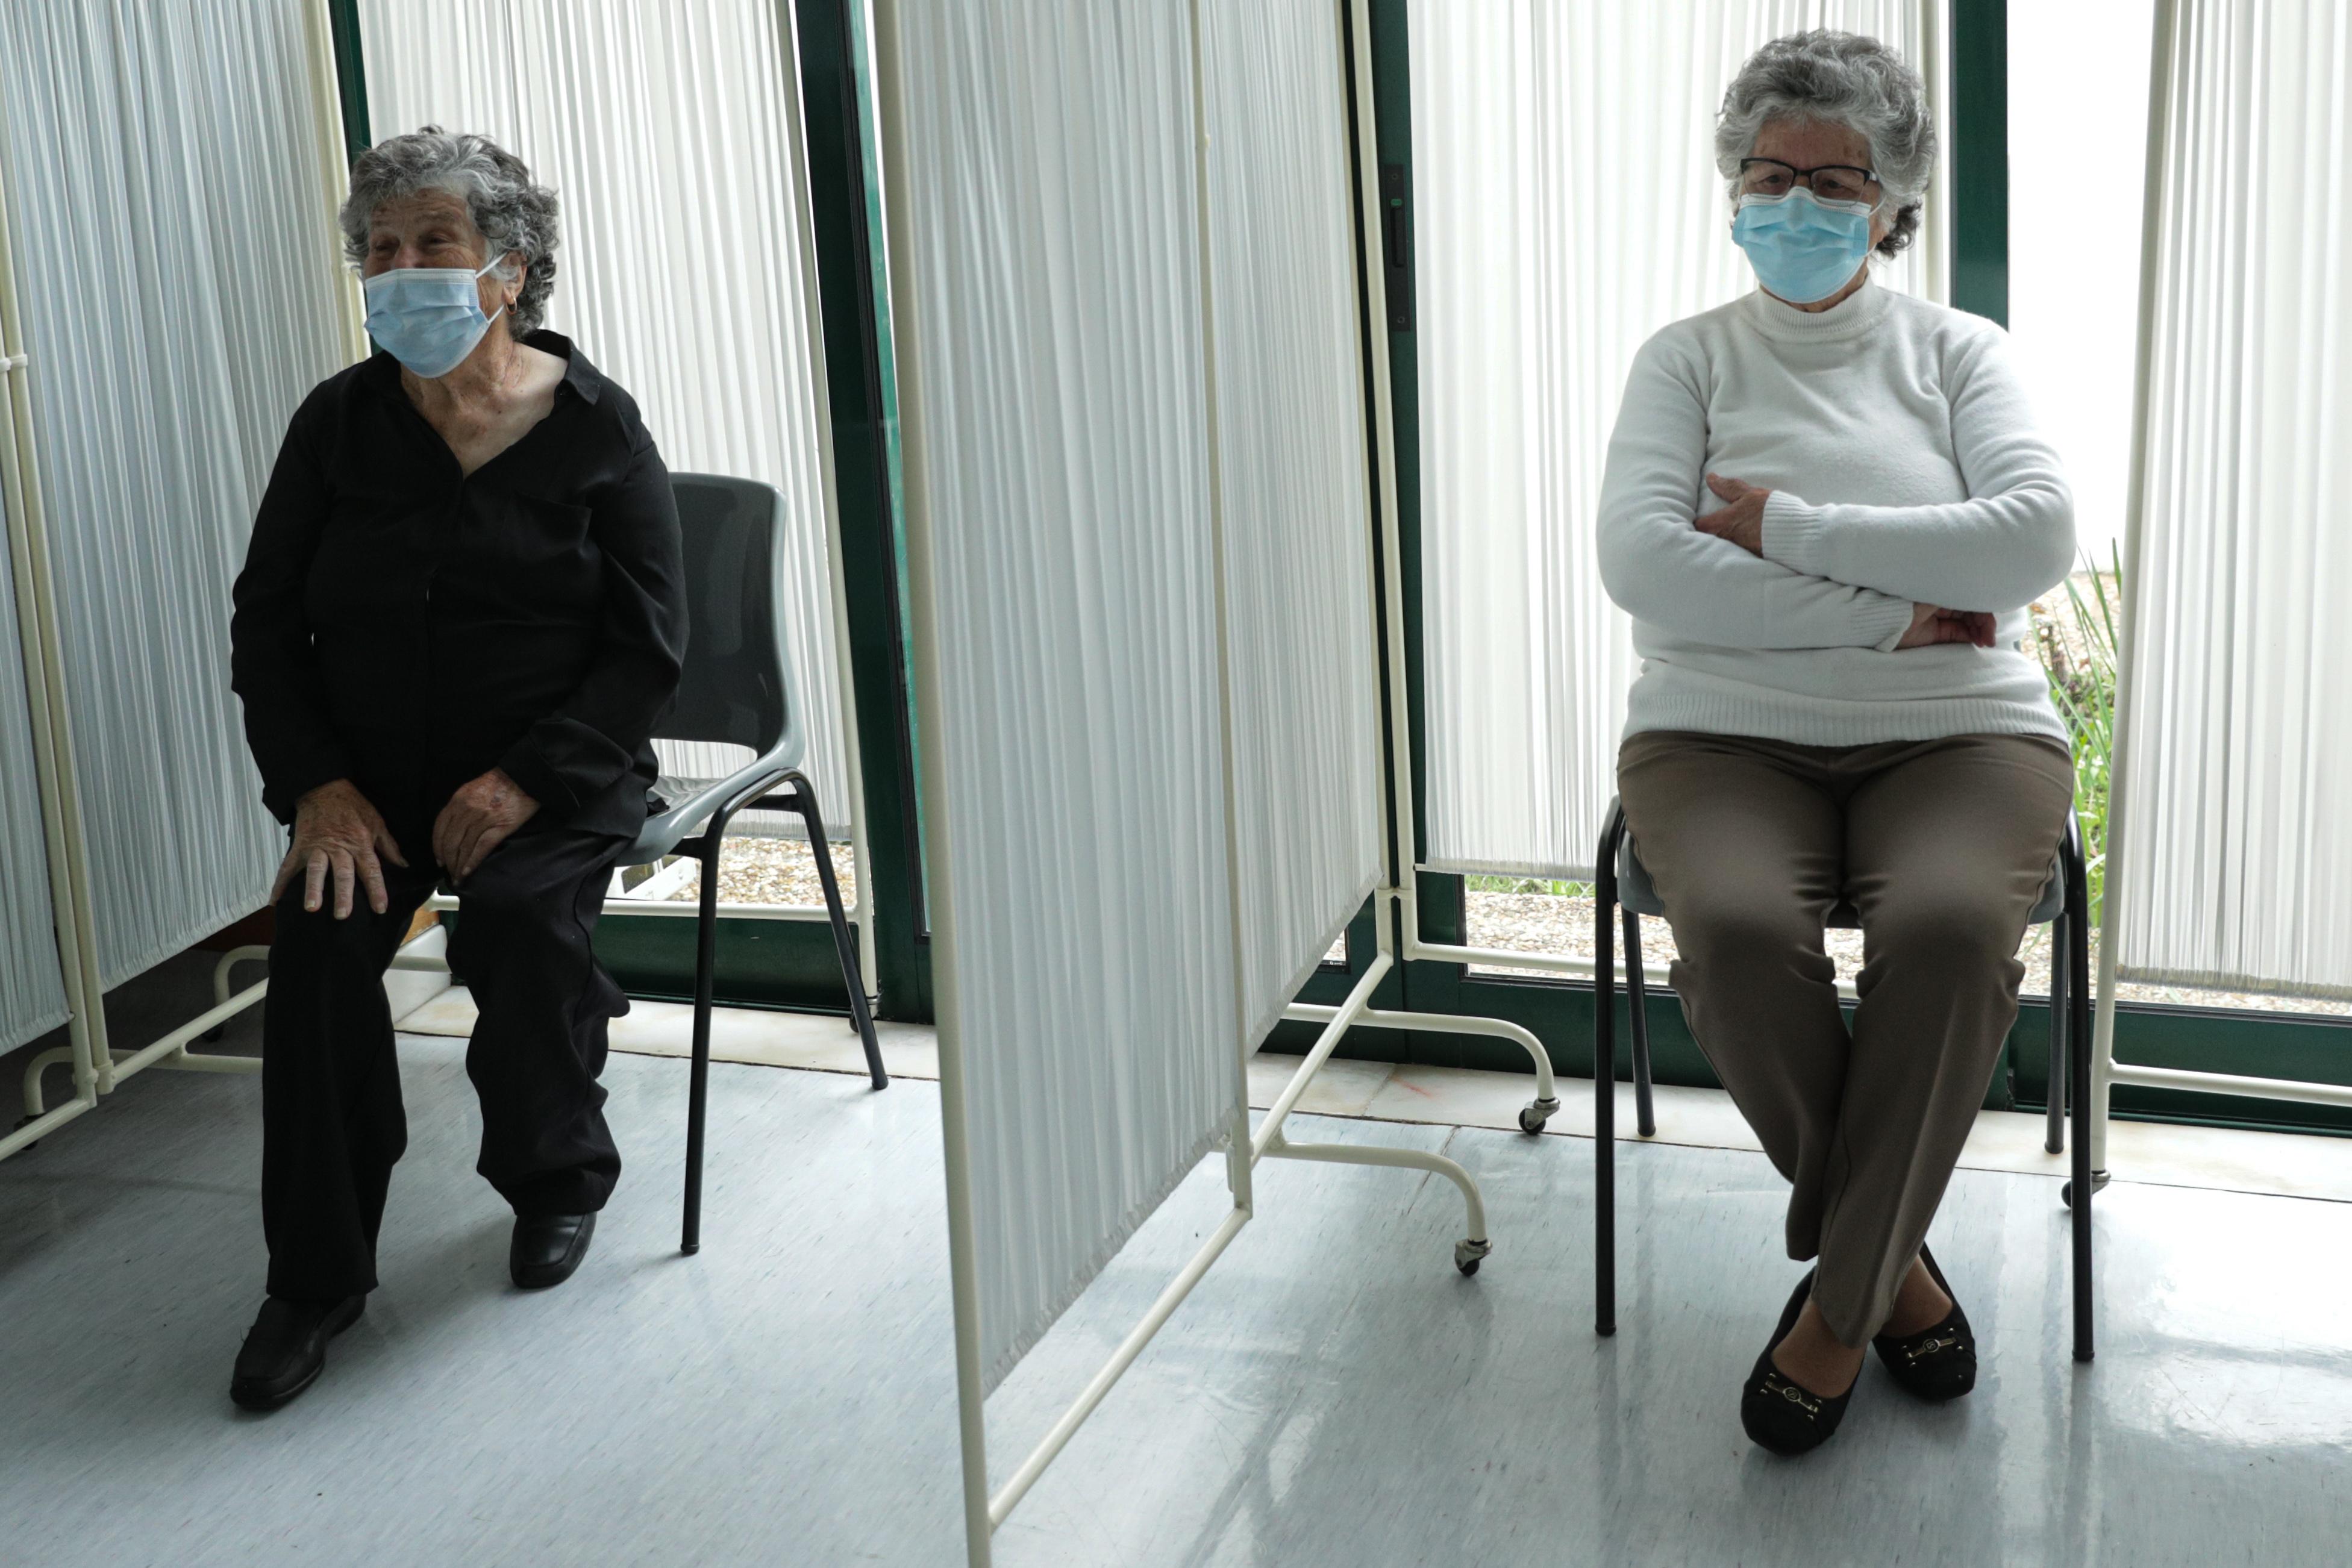 Portuguesas têm saúde pior do que homens e viverão menos anos saudáveis depois dos 65